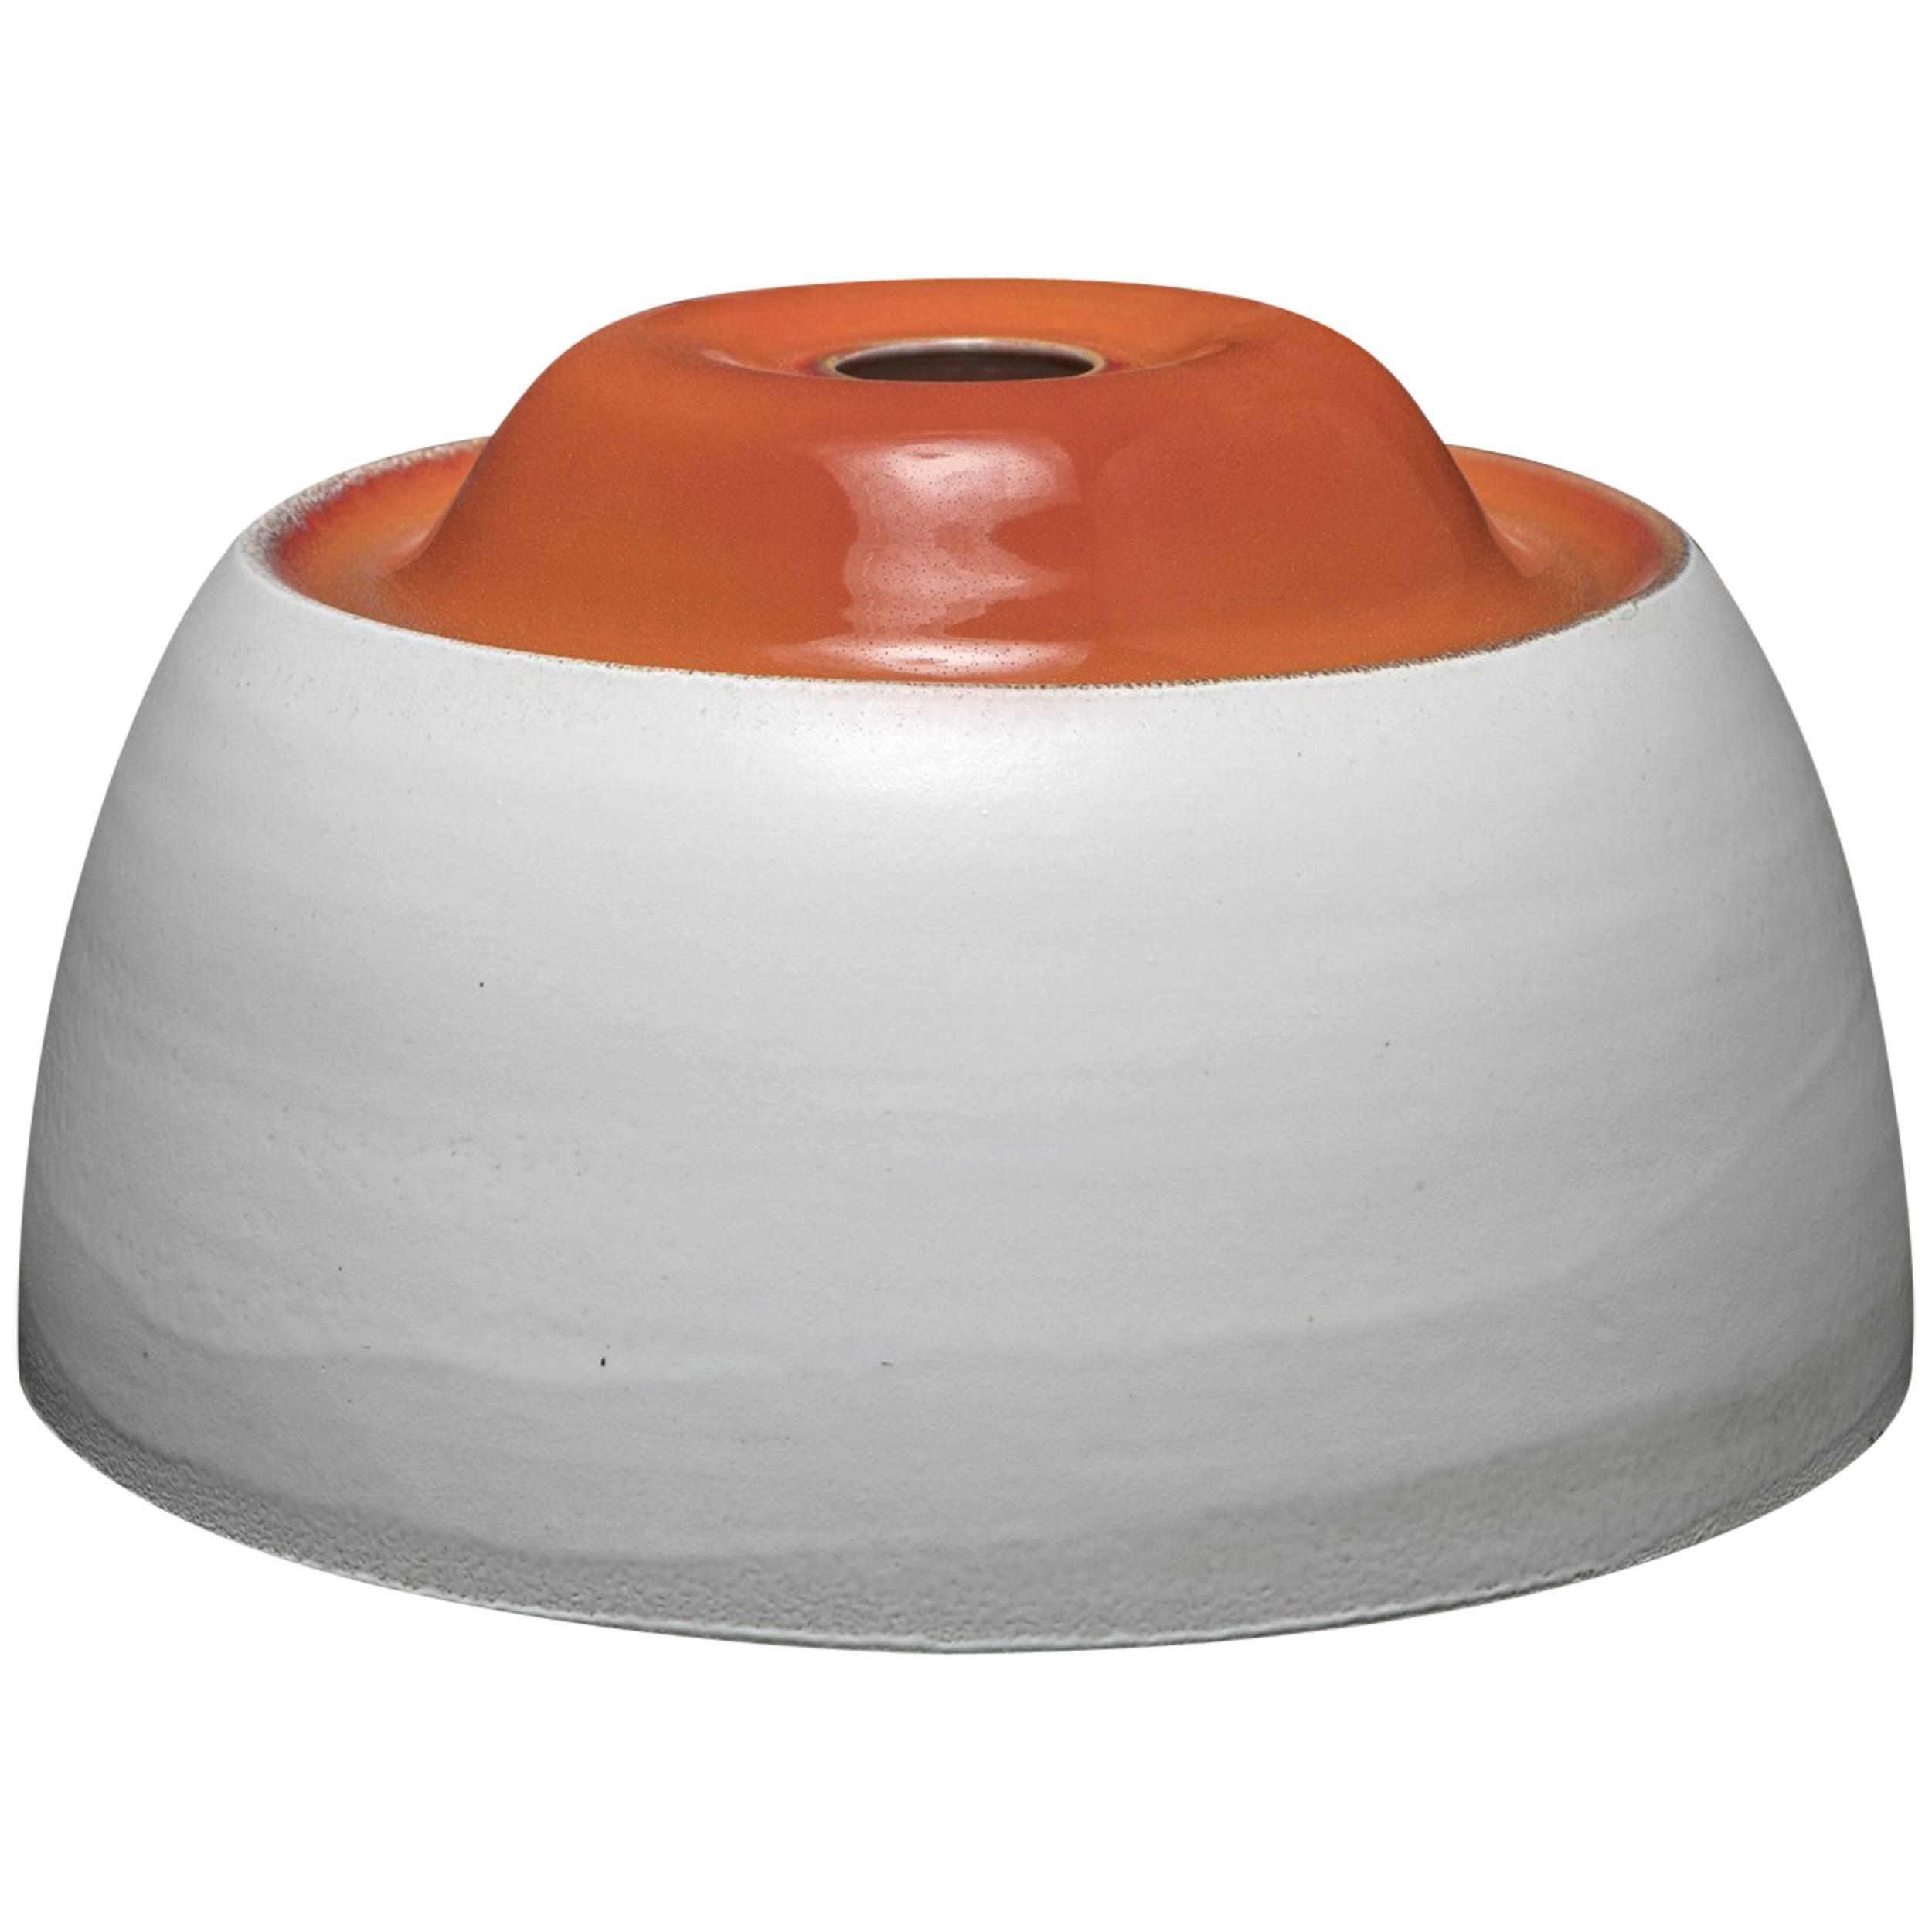 Italian 1960s Ceramic Sculpture